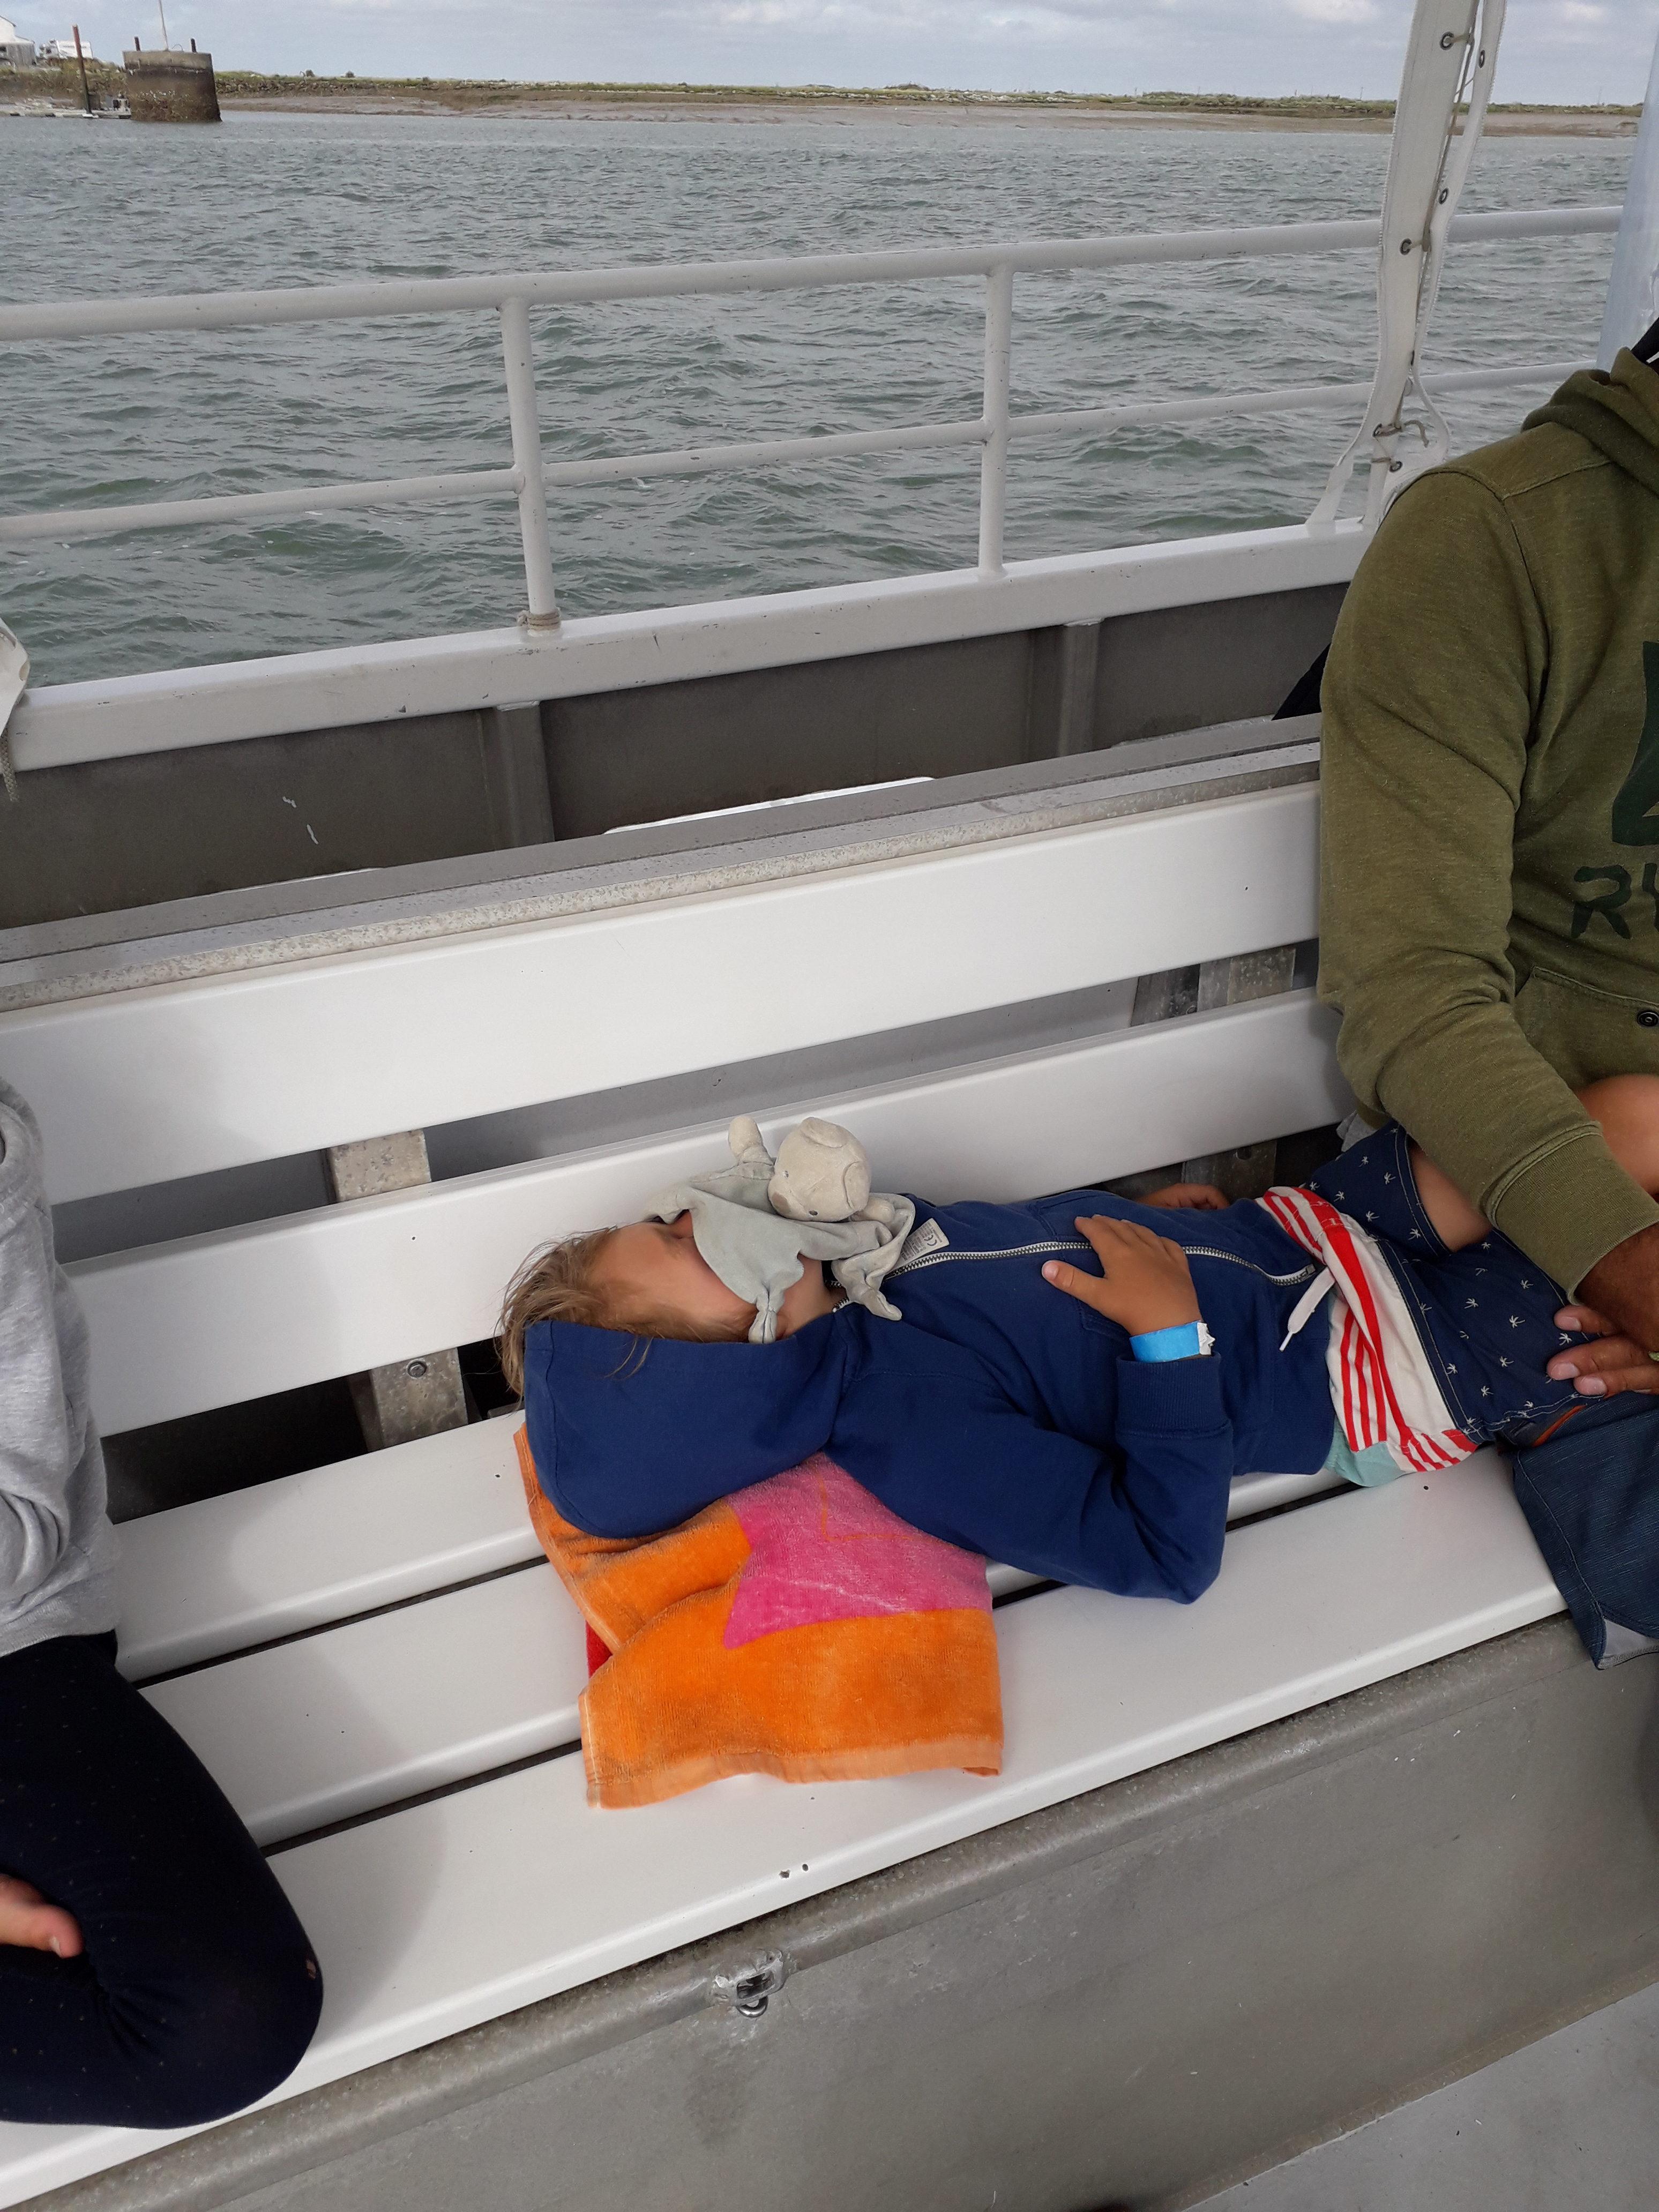 Tinou s'est endormi aprés une belle journée d'aventure